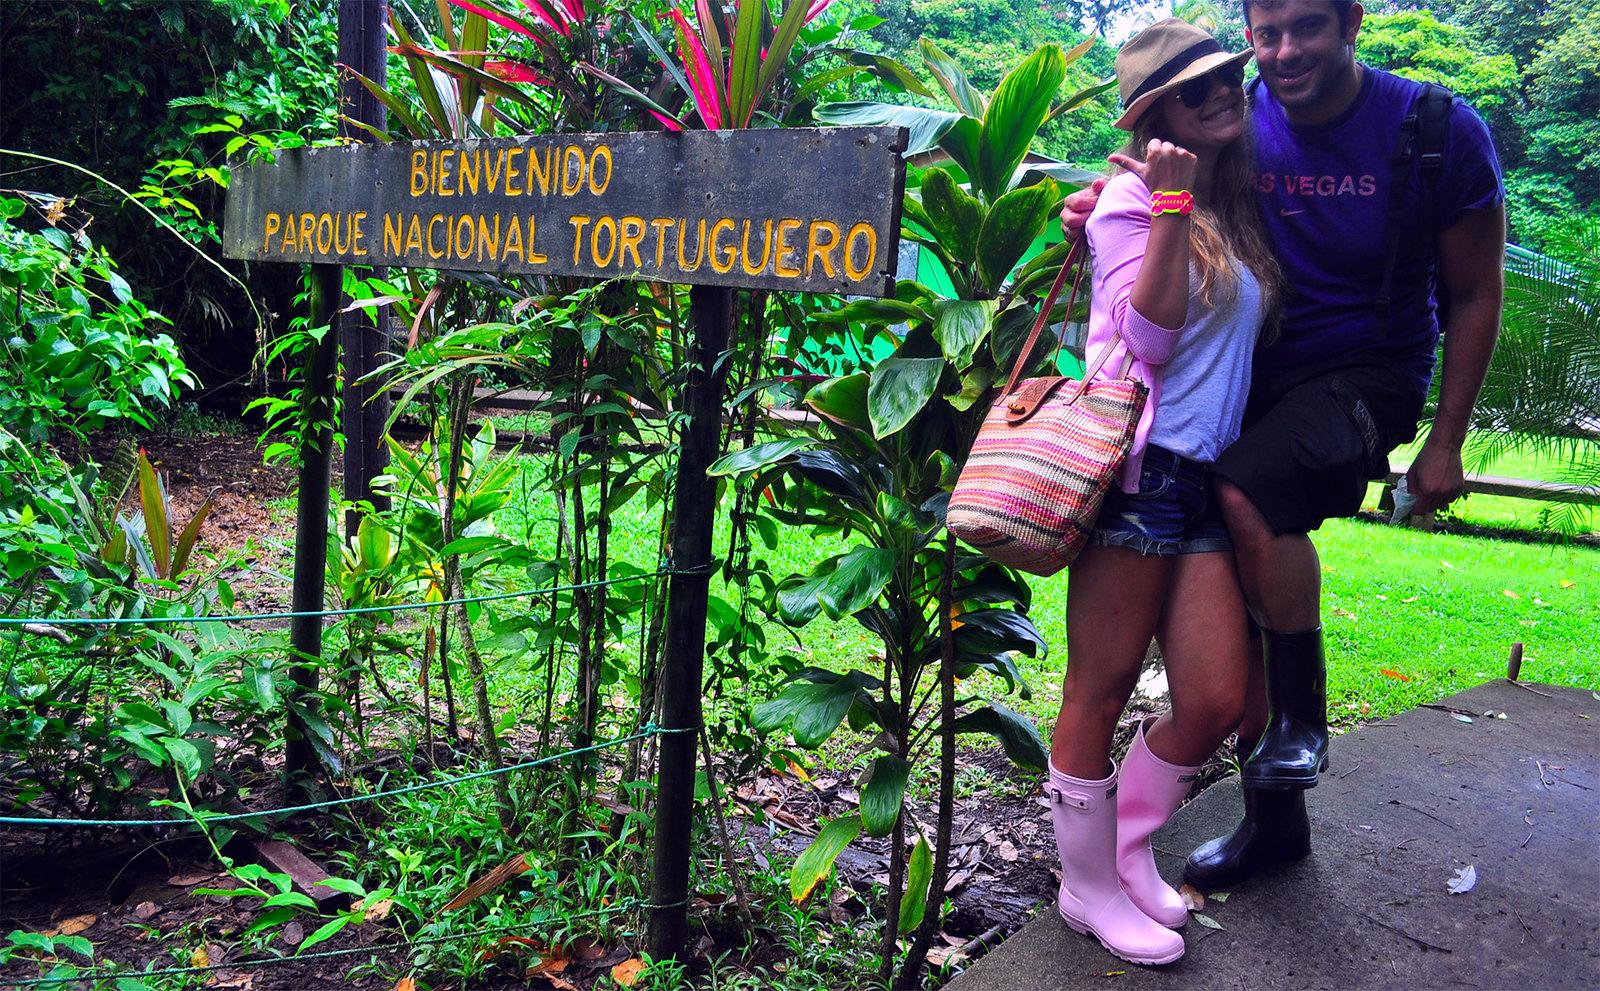 Viajar a Costa Rica / Ruta por Costa Rica en 3 semanas ruta por costa rica - 37538082774 93f24c3be3 h - Ruta por Costa Rica en 3 semanas